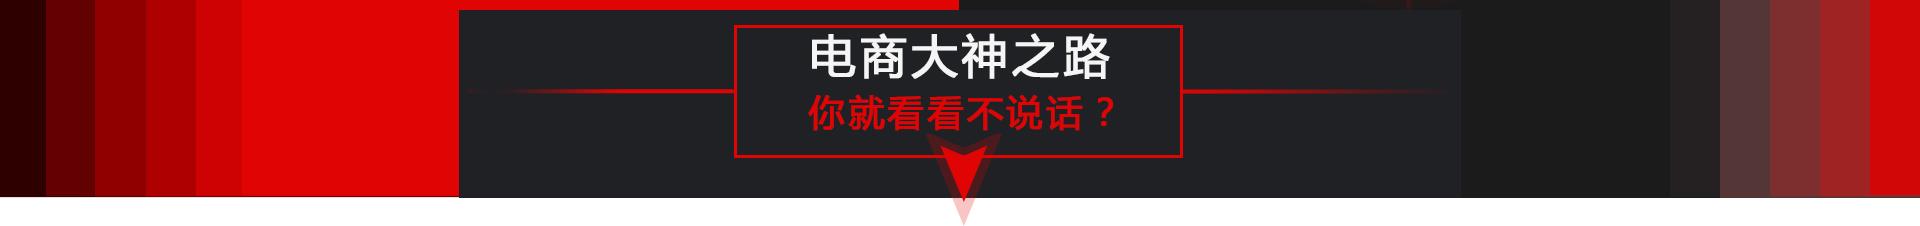 武汉唐人电商培训